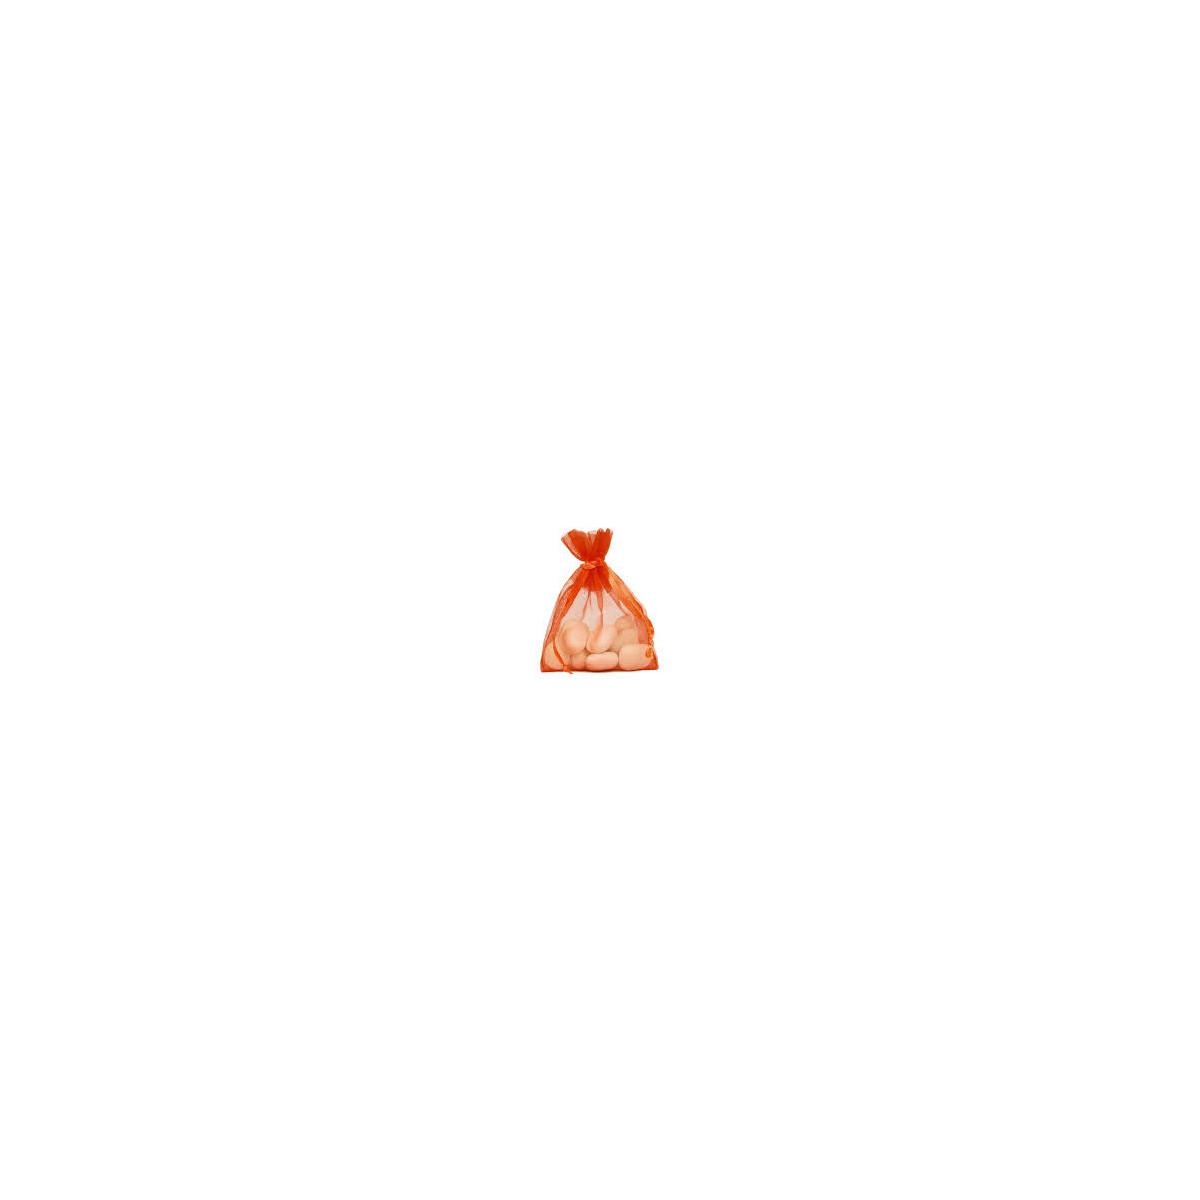 Lot de 10 sacs en organdi orange